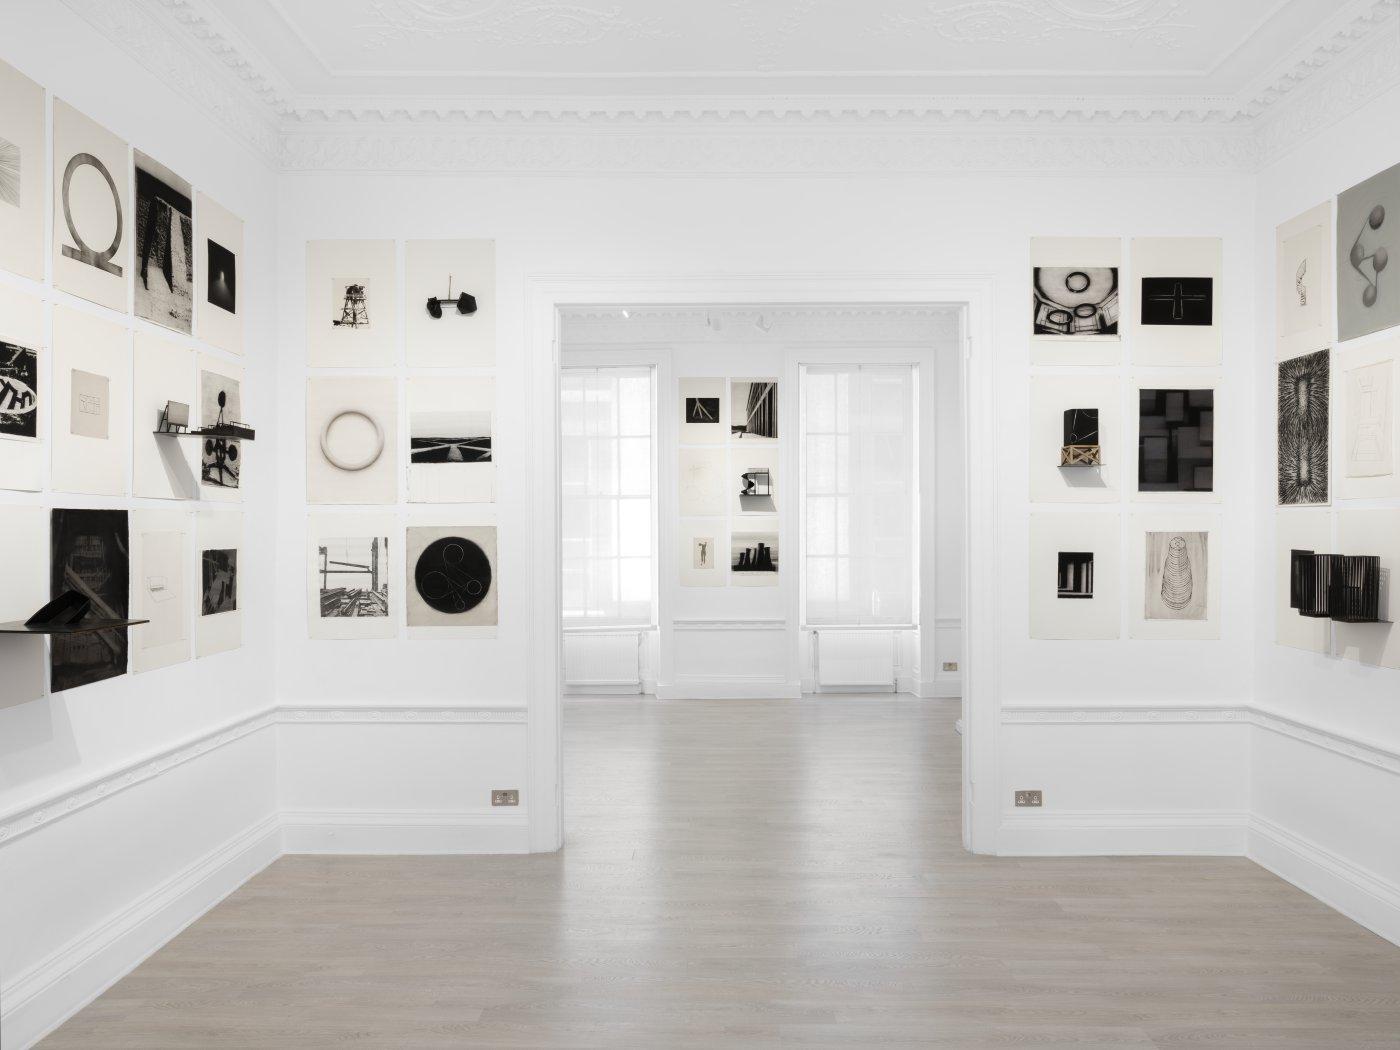 Cardi Gallery London Marco Tirelli 4